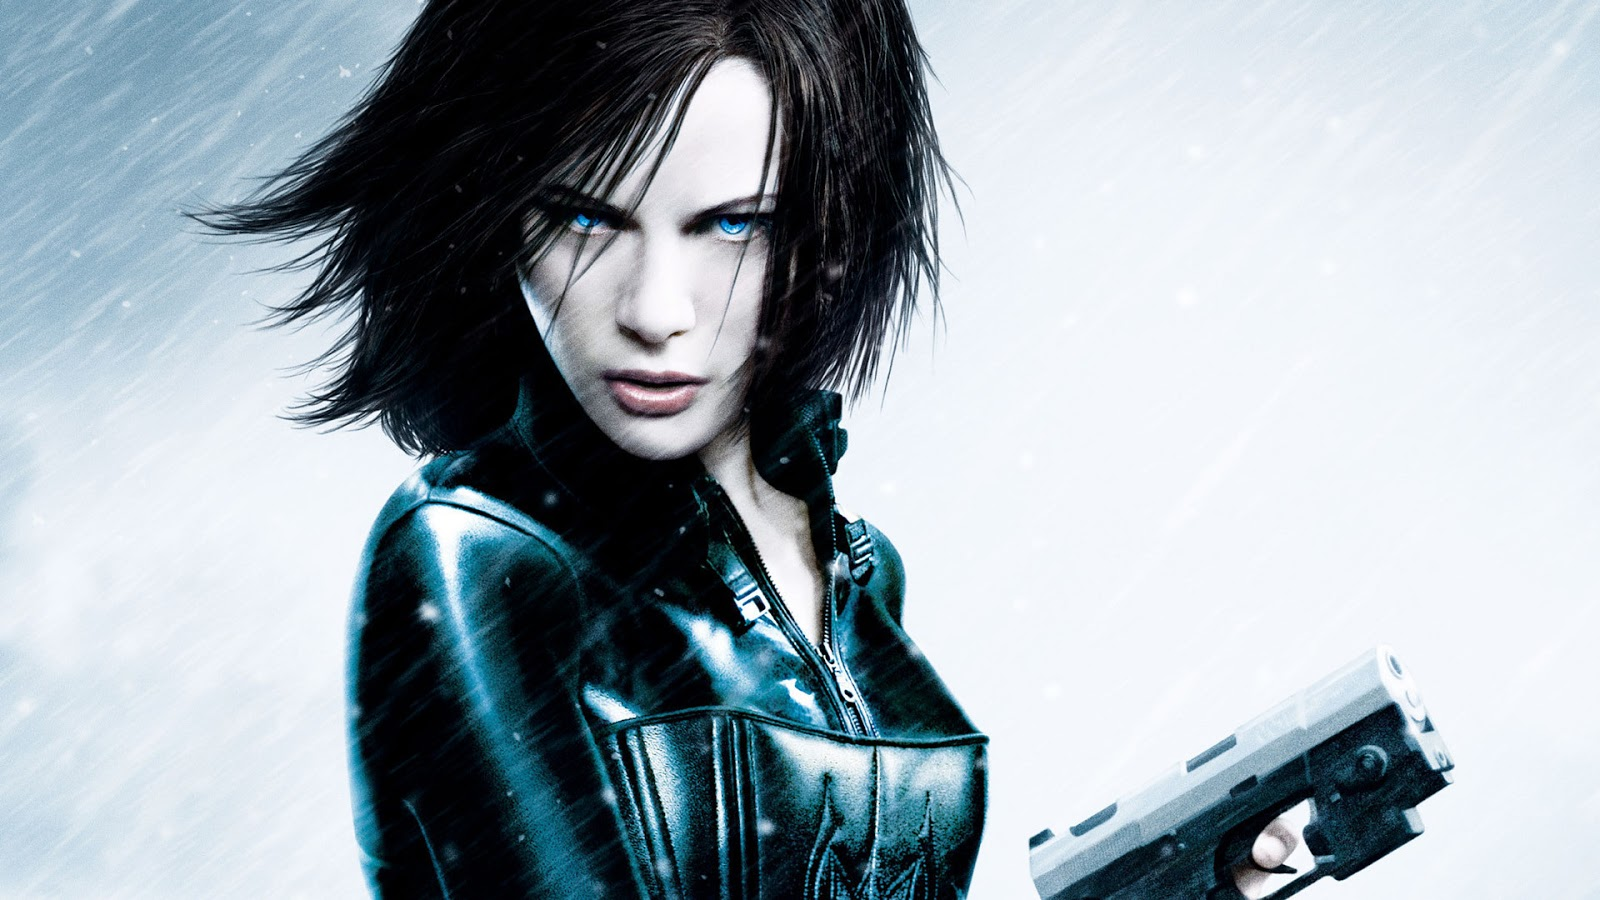 http://4.bp.blogspot.com/-5S4LltnupMI/ULWXbq5EERI/AAAAAAAANj4/vmIFO8qV5Bs/s1600/kate_beckinsale_as_vampire-HD.jpg